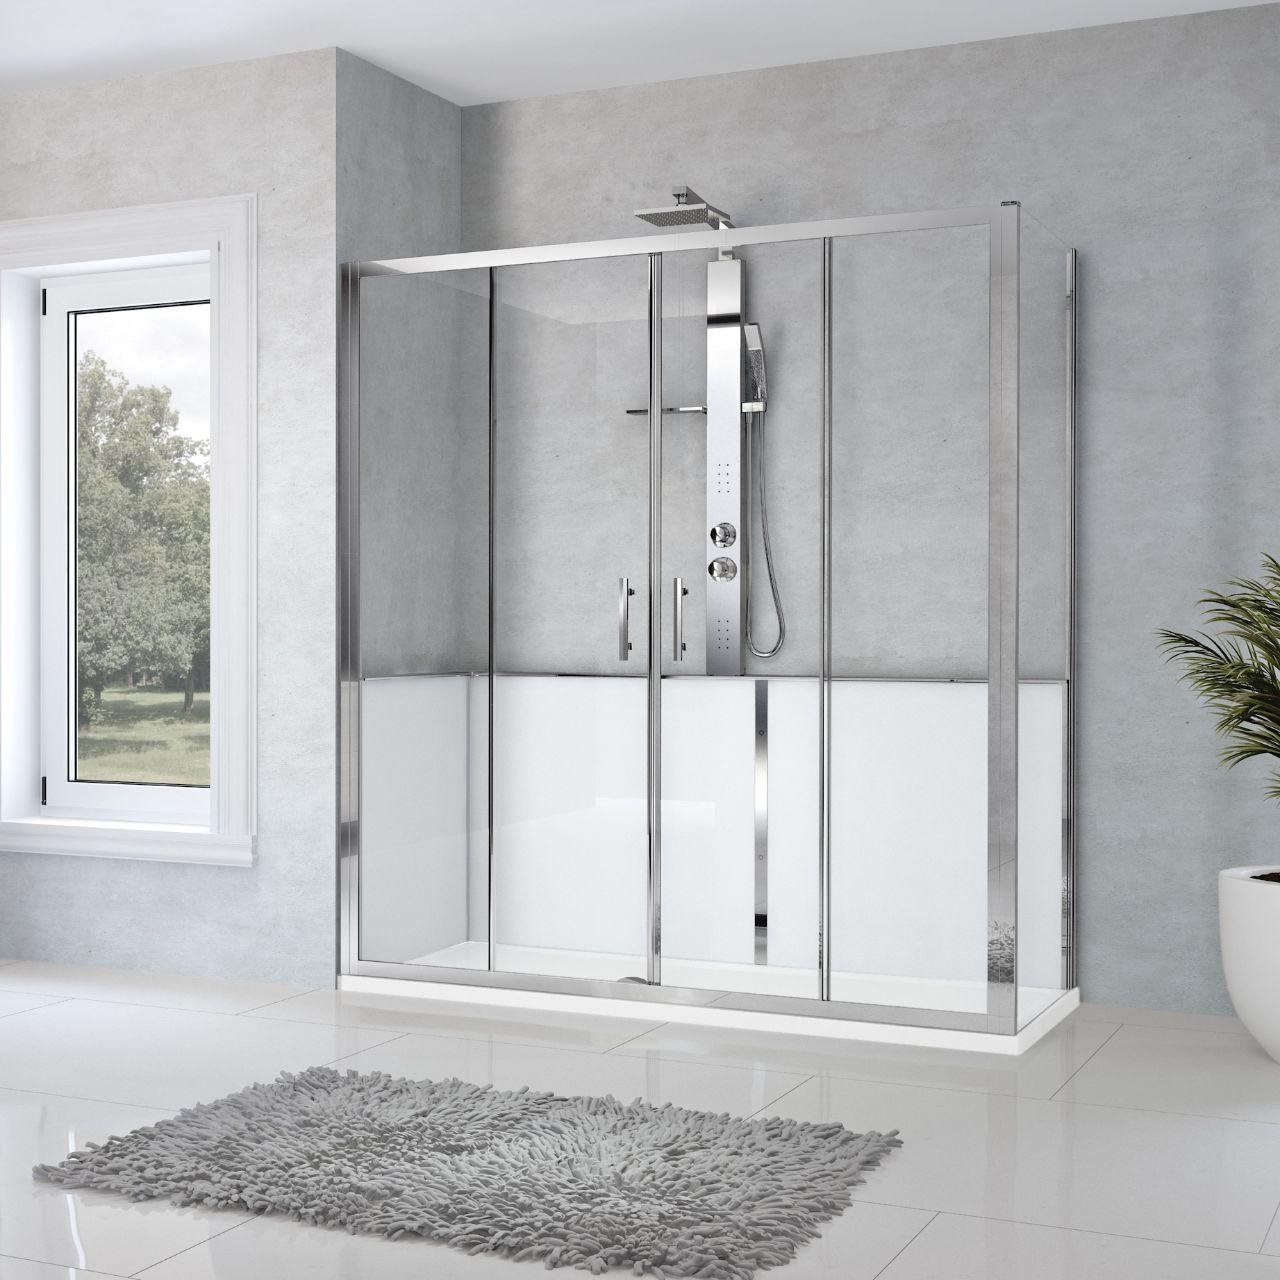 cabine doccia revolution zephyros 2a f novellini. Black Bedroom Furniture Sets. Home Design Ideas